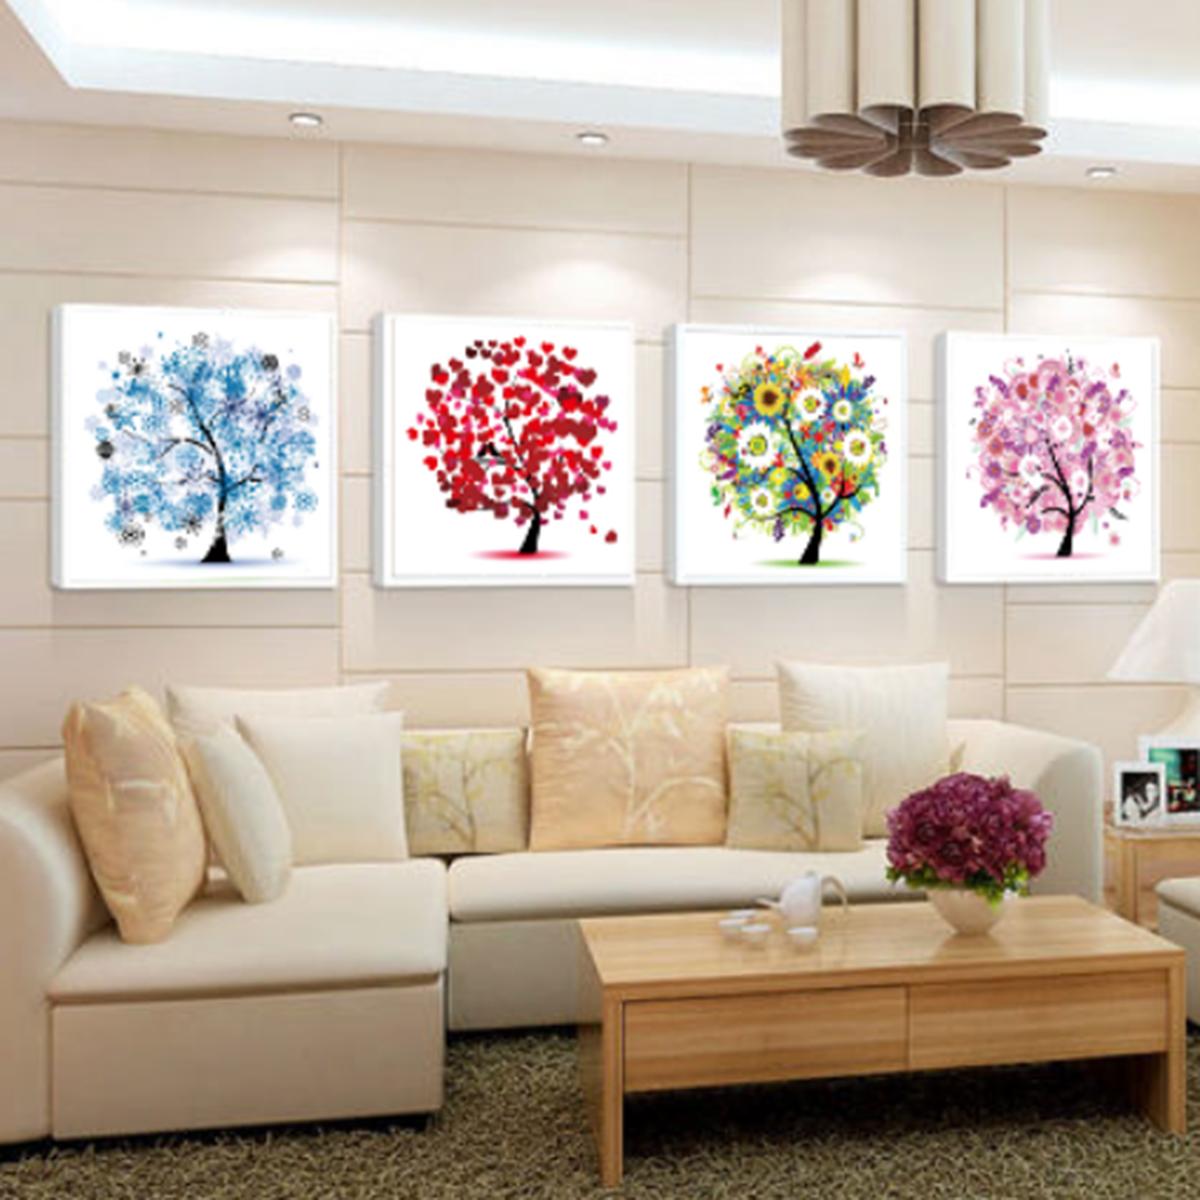 tempsa 5d diamant tableau peinture arbre broderie croix toile art d cor murale sans cadre hiver. Black Bedroom Furniture Sets. Home Design Ideas